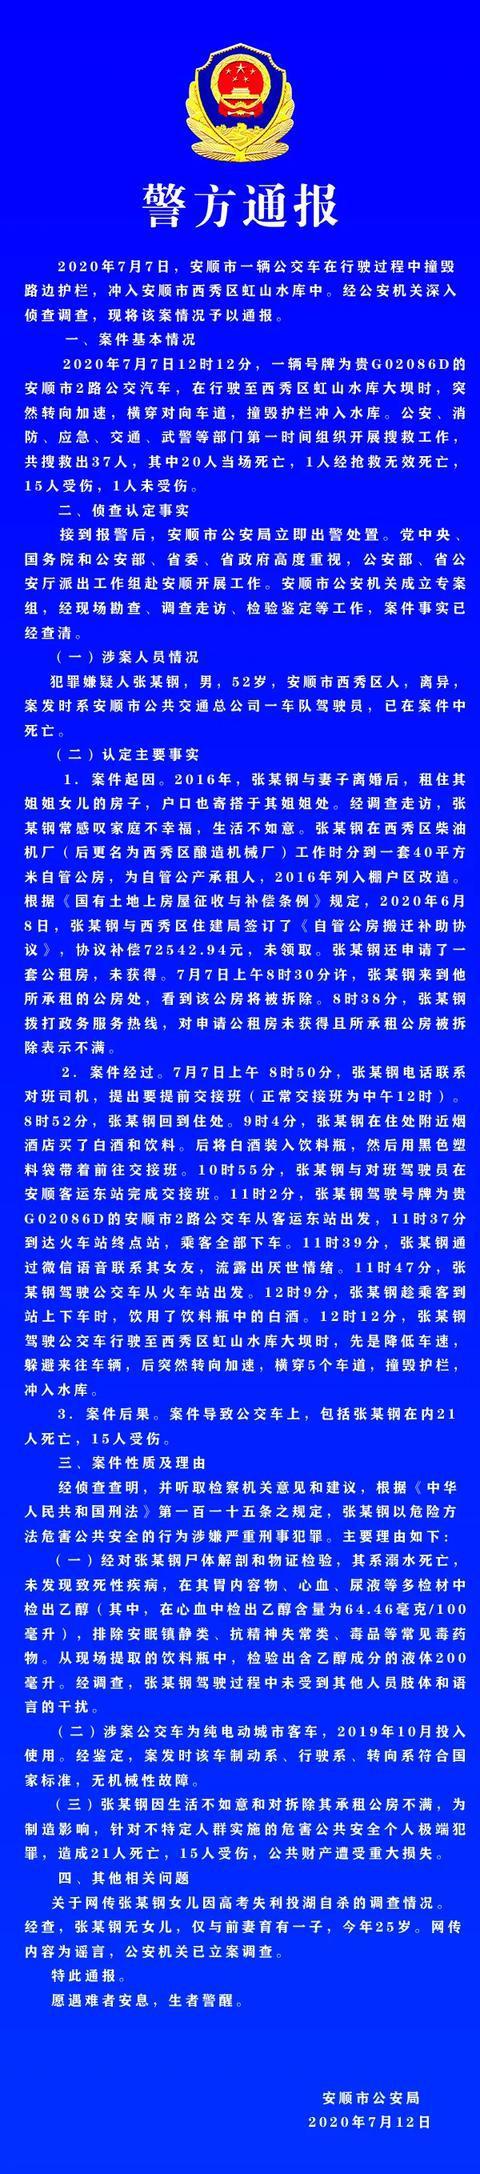 股票配资:贵州公交坠湖司机蓄意报股票配资图片